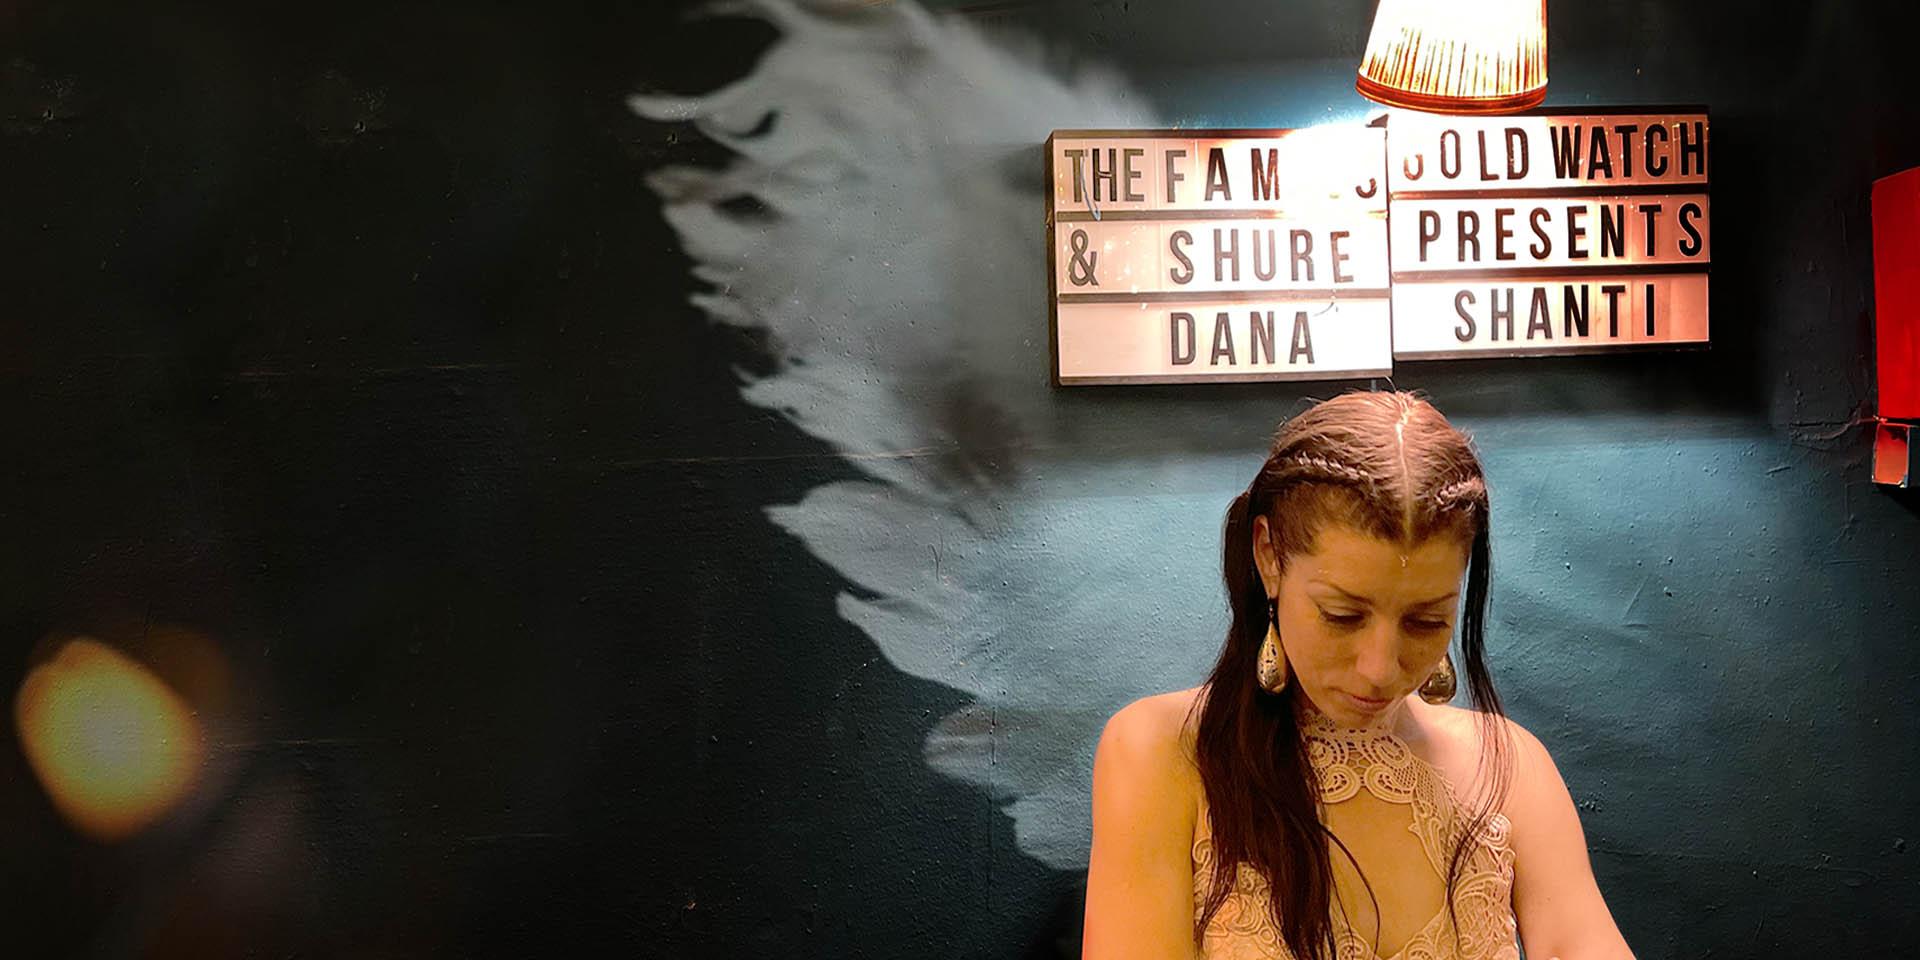 Dana Shanti